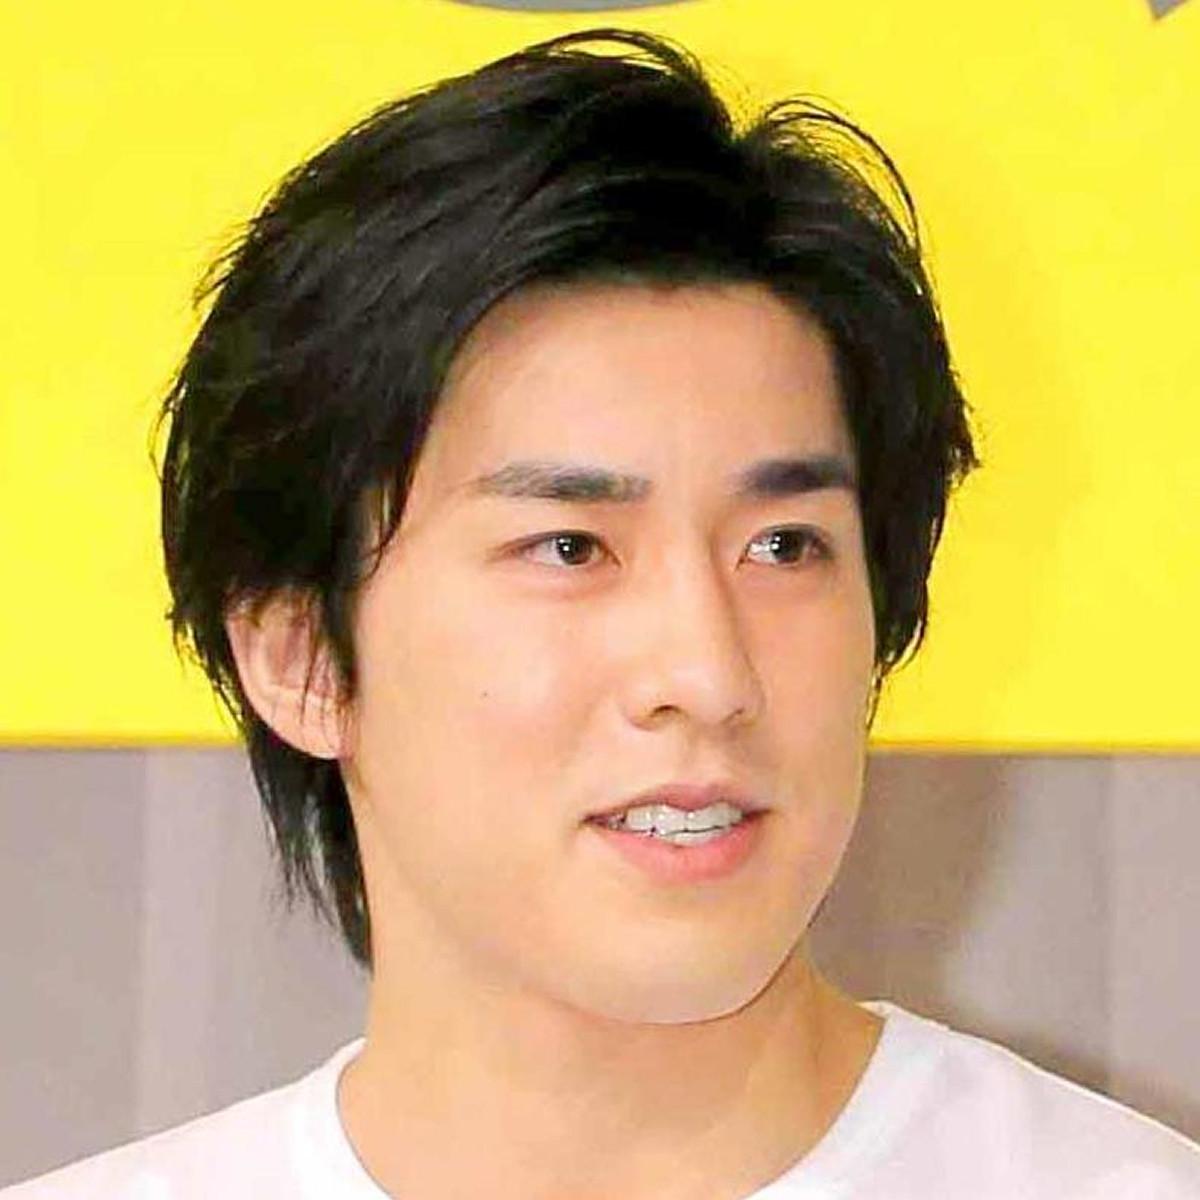 高畑裕太、公式ホームページ開設「また0から、表現力の向上に邁進したい」ツイッターとインスタグラムも再開(スポーツ報知) - Yahoo!ニュース